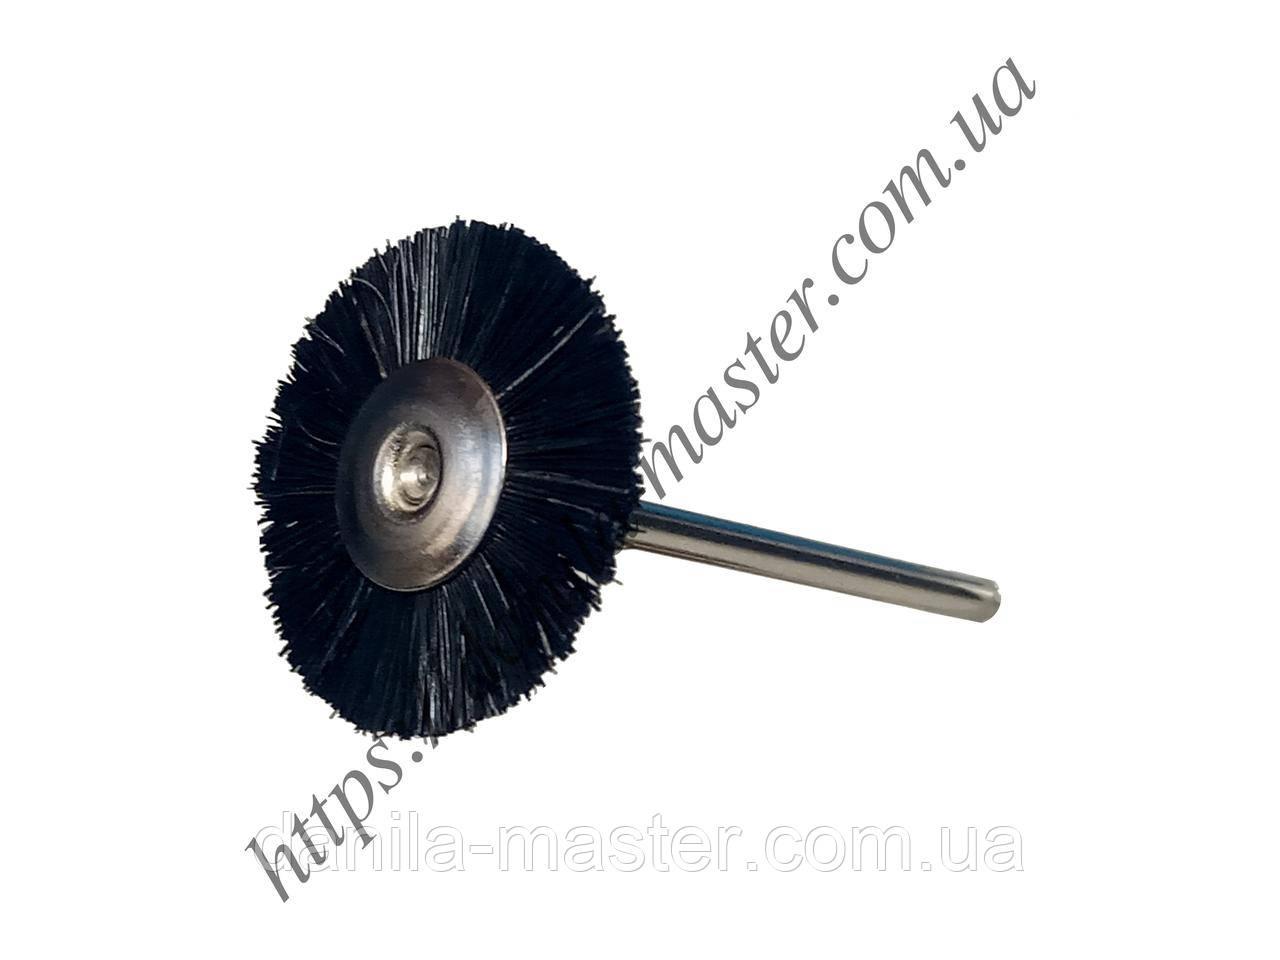 Щетка щетинная черная жесткая Ø22 мм с держателем (2,35 мм)